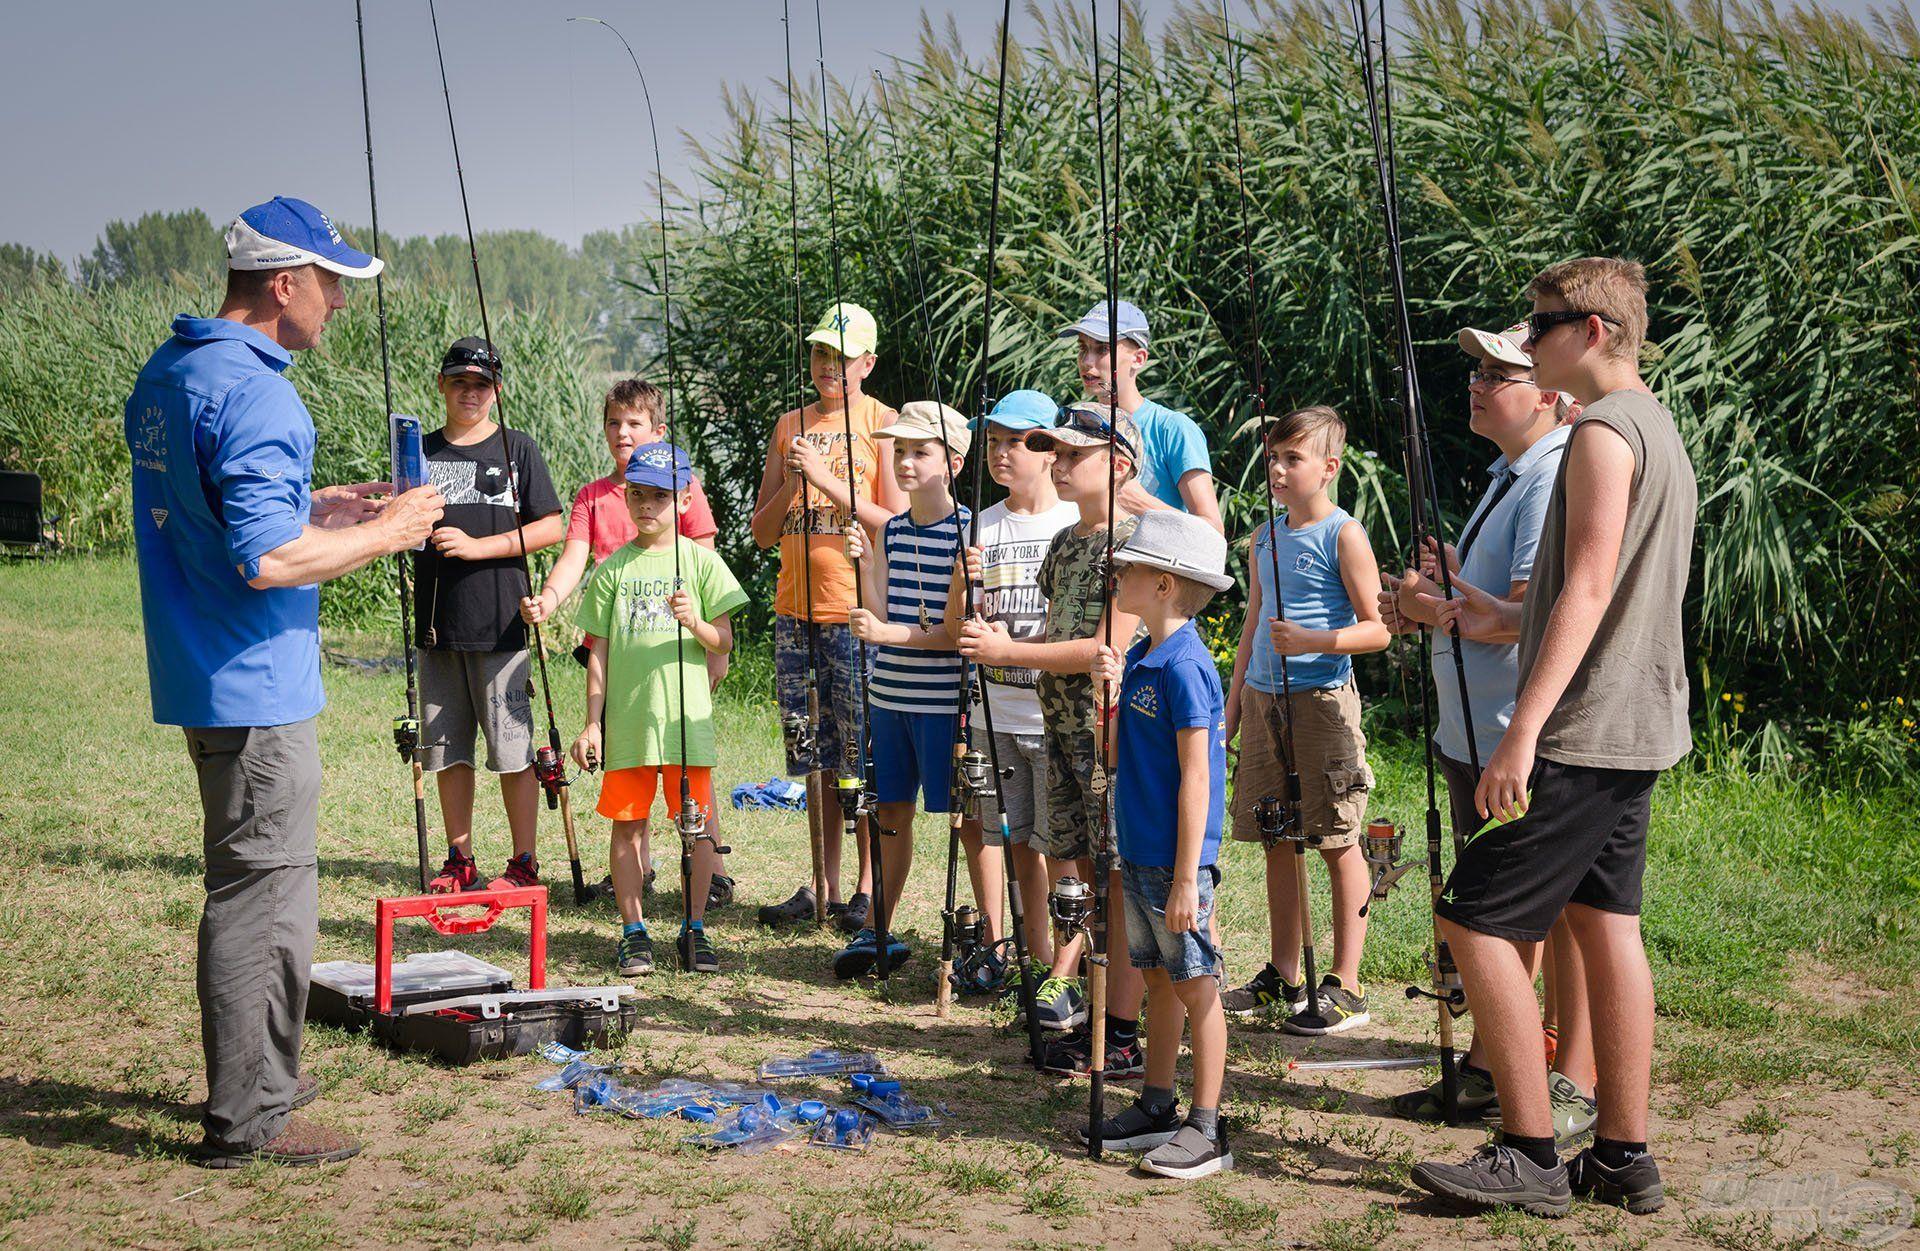 Ha valóban érdekli gyermekünket a horgászat, akkor a folyamatos fejlődéséhez szakemberek segítségére van szükség